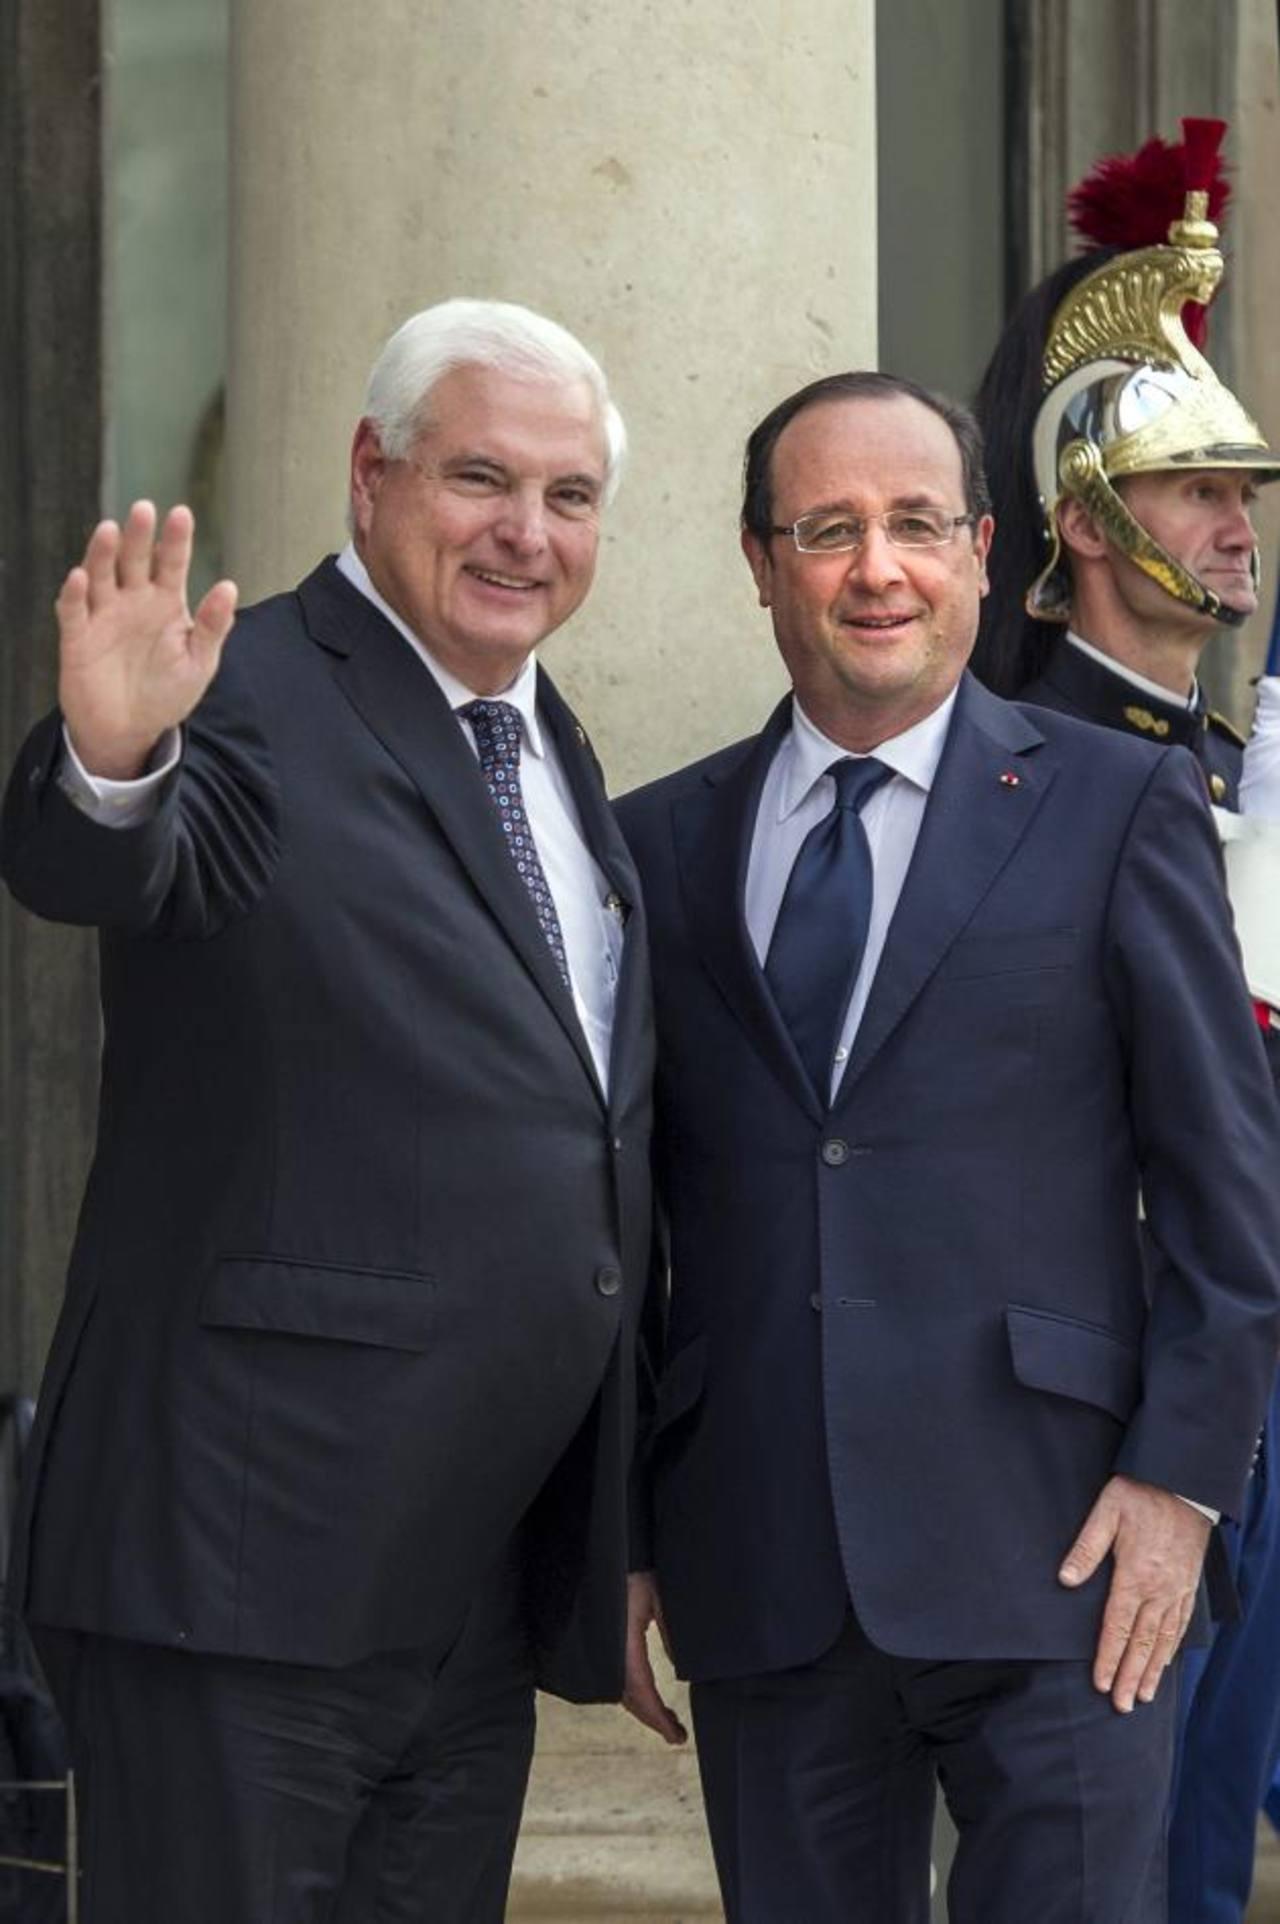 Los presidentes Martinelli (Panamá) y Hollande (Francia).